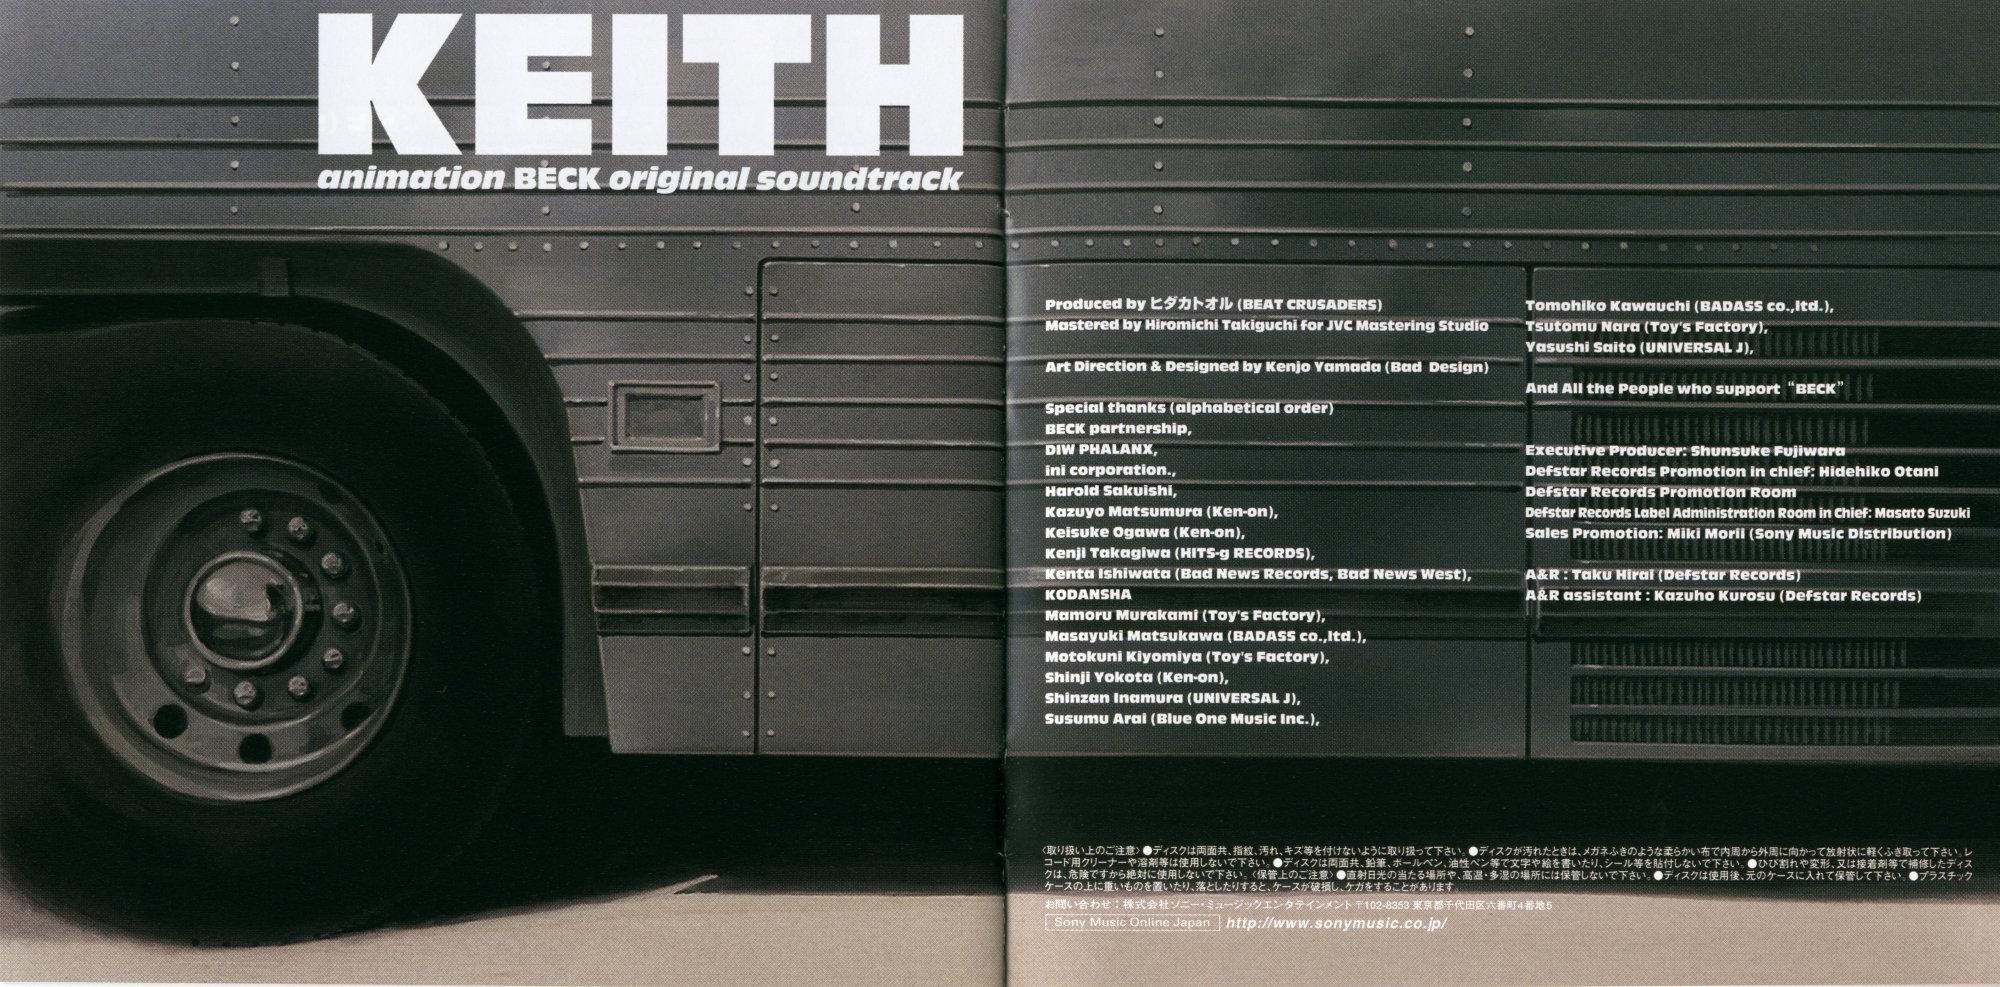 P10 du livret de la deuxième OST de Beck